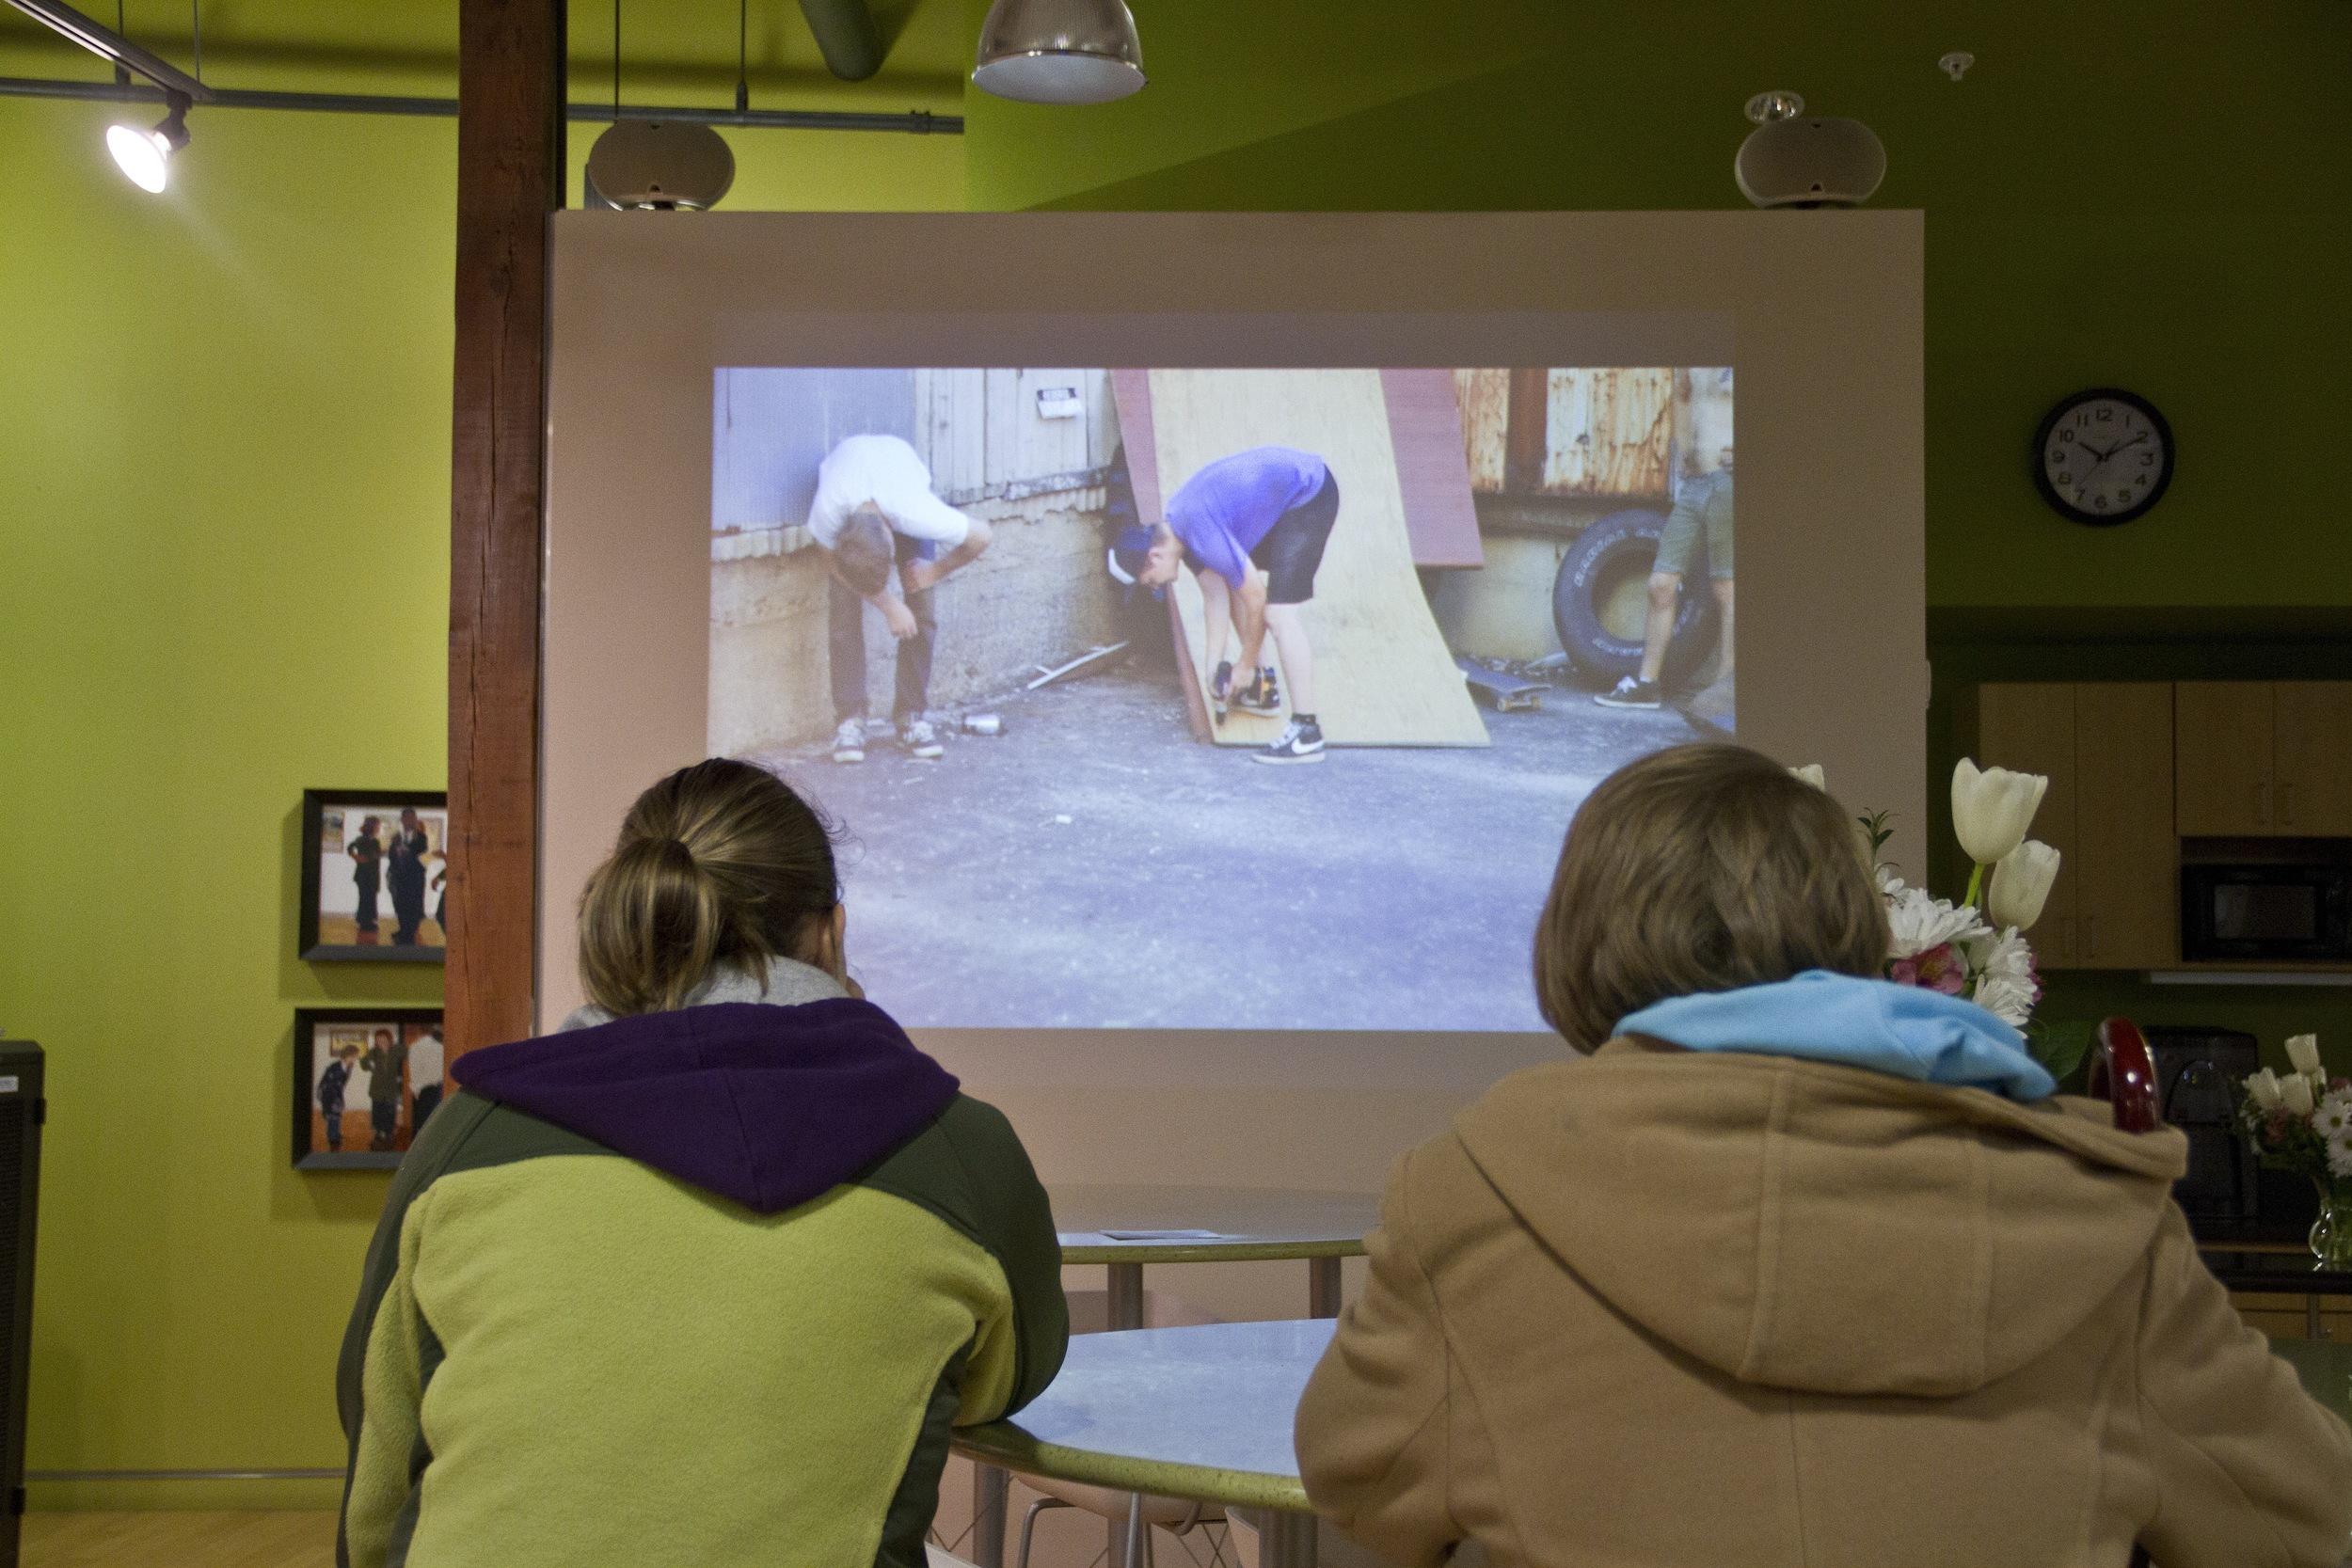 WMCAT_20 film by Jeremy Knickerbocker.jpg